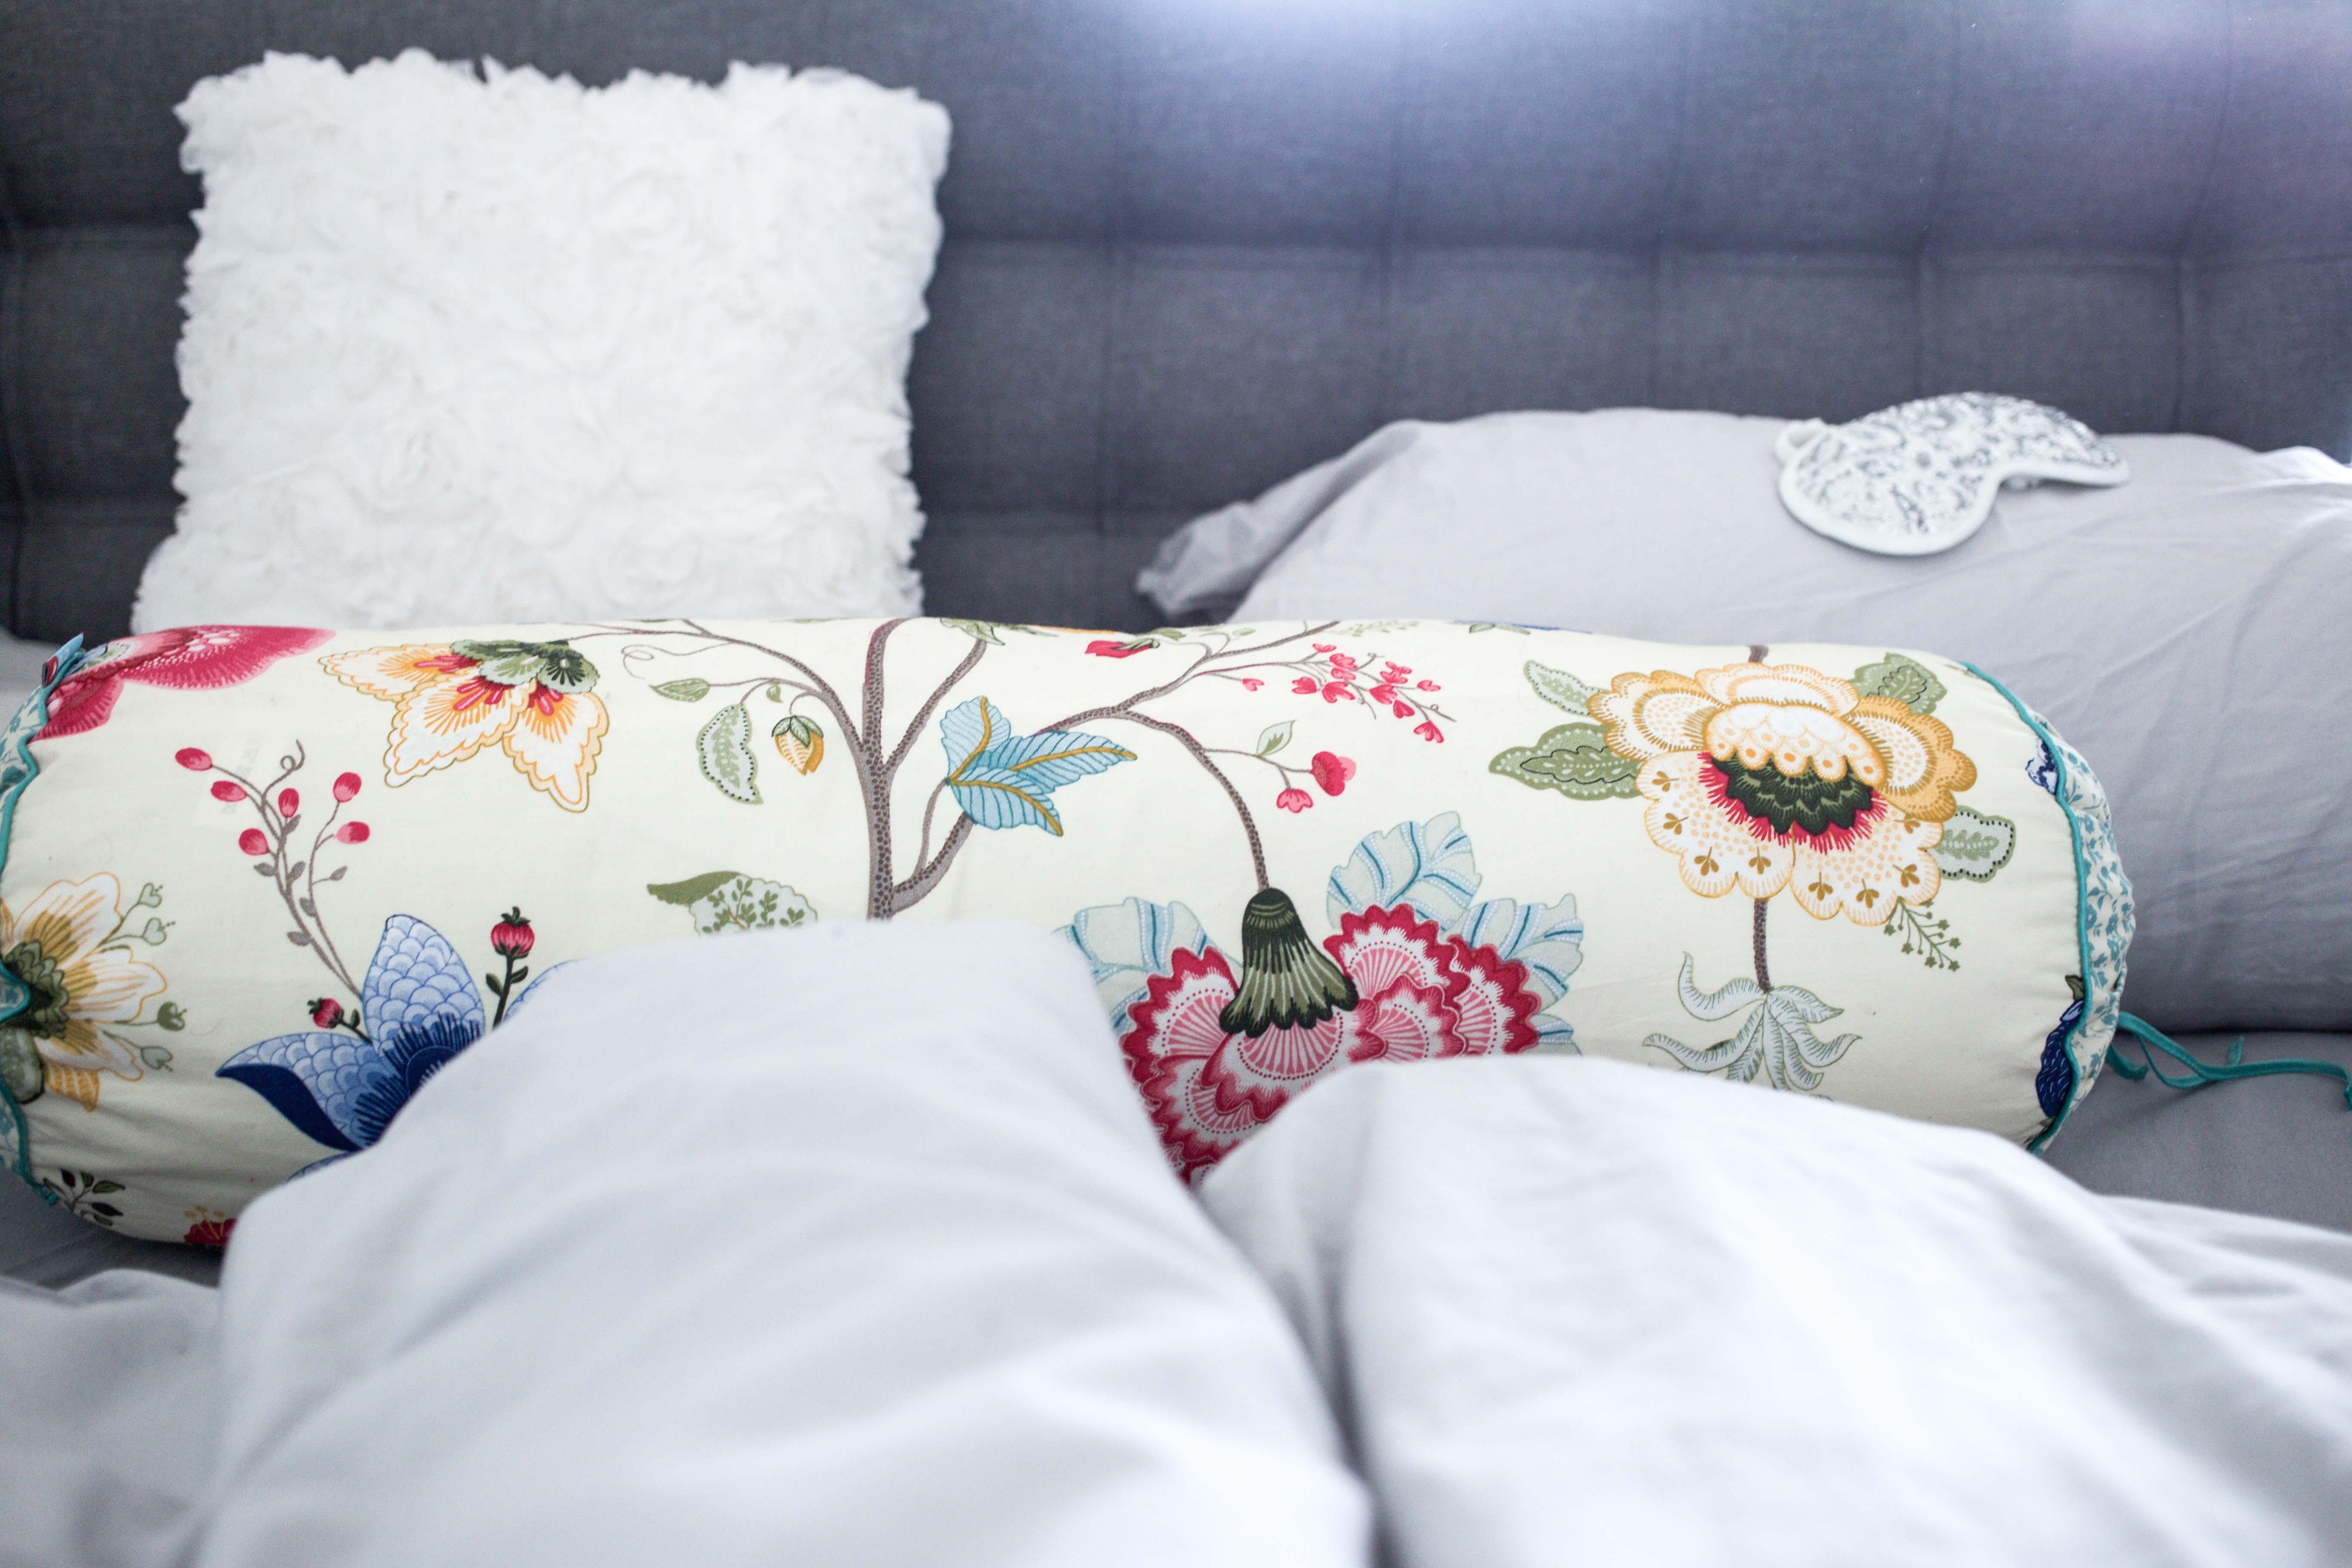 boxspringbett erfahrung schlafen wie auf wolken interior. Black Bedroom Furniture Sets. Home Design Ideas